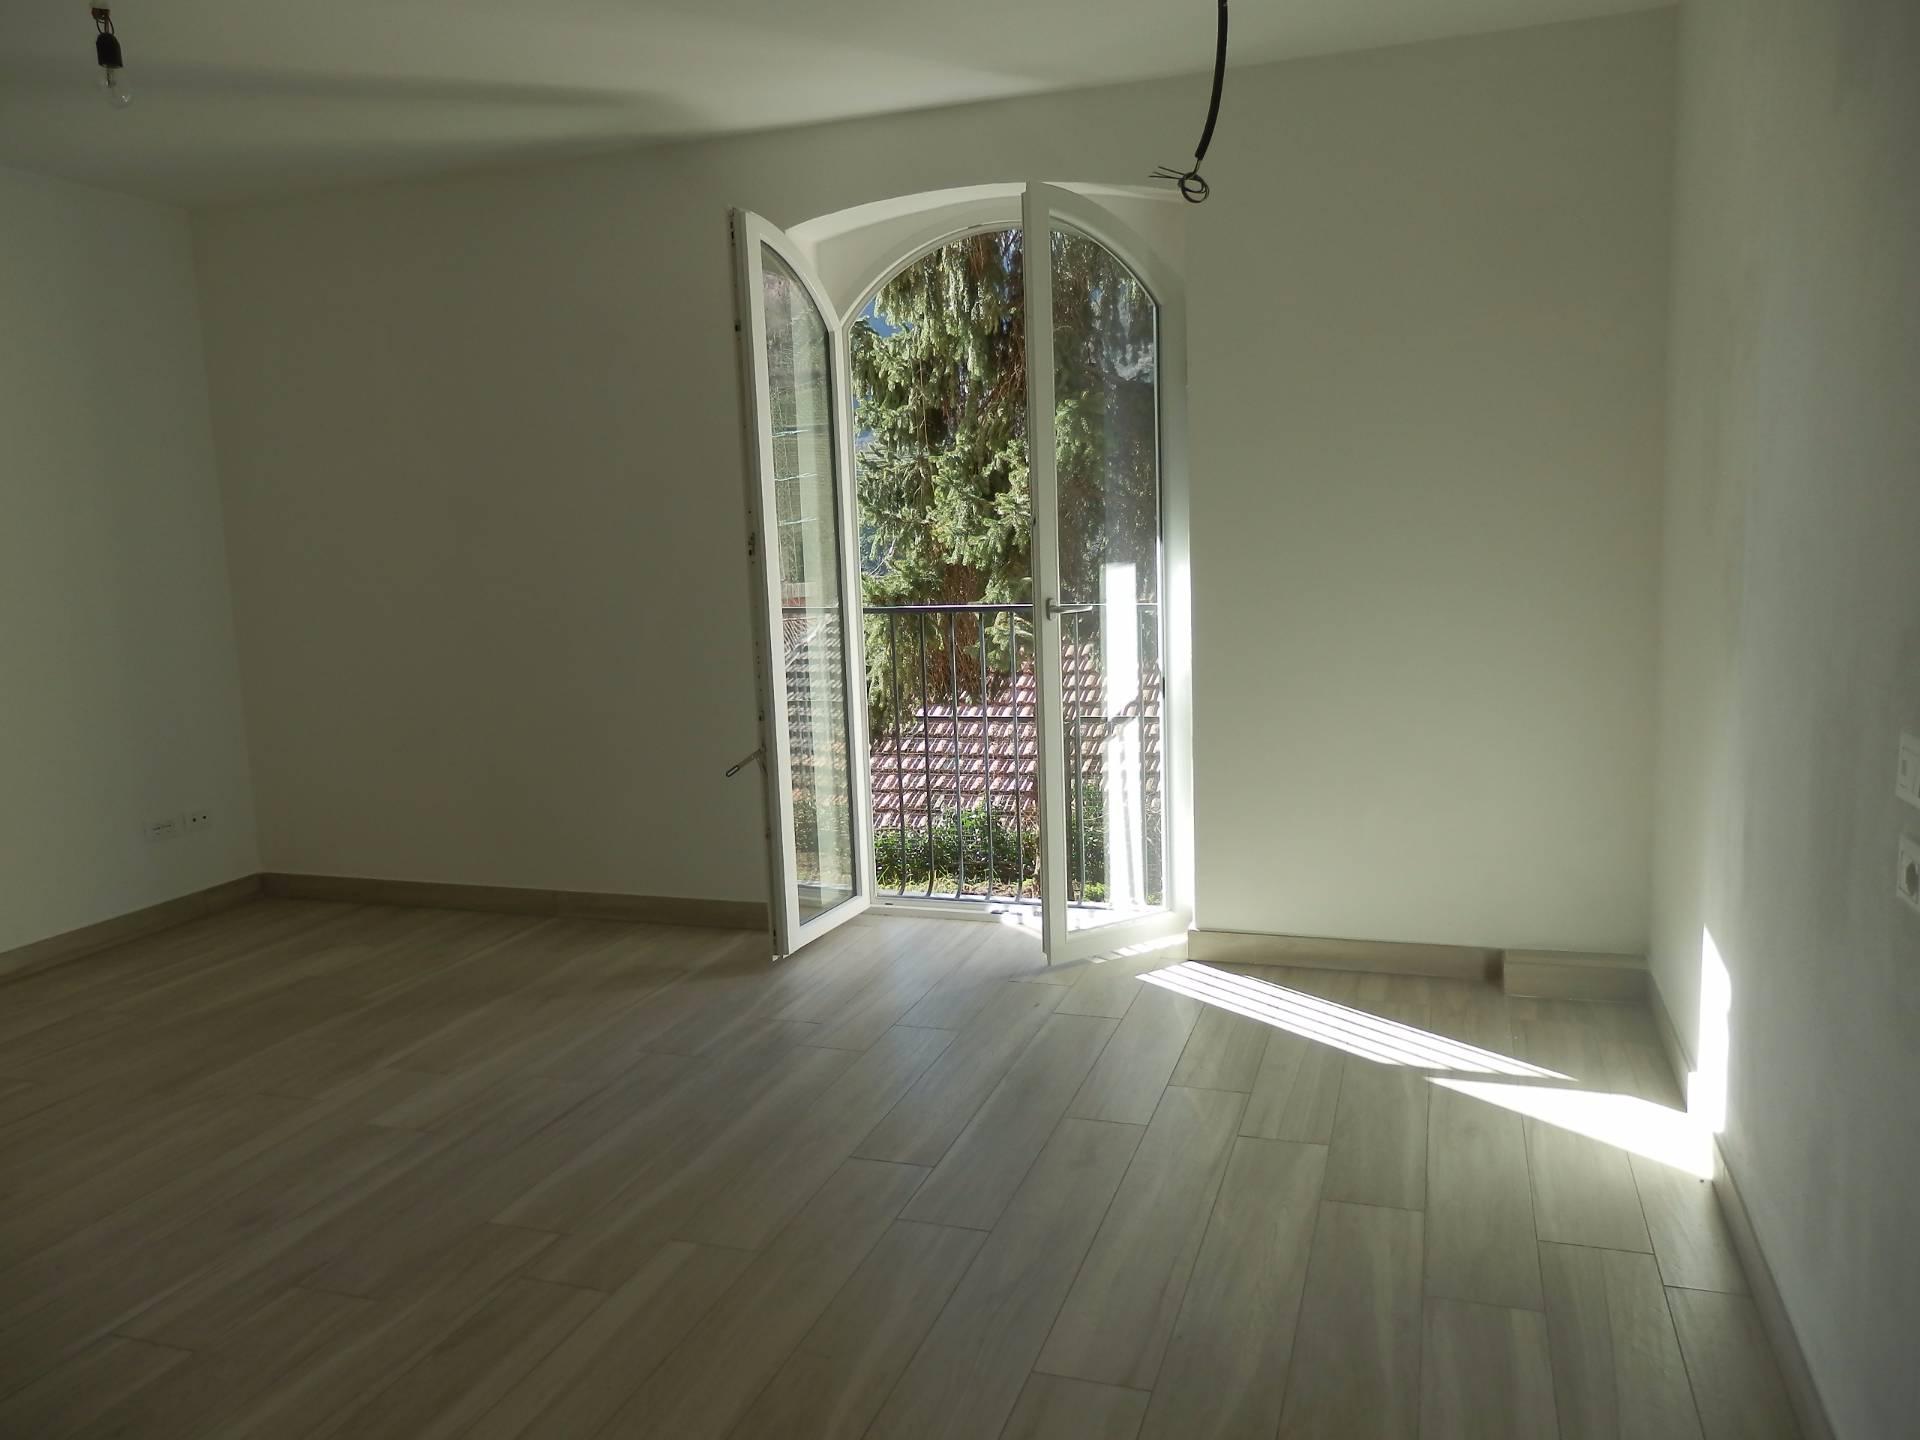 Appartamento in affitto a Bolzano, 4 locali, zona Zona: Periferia, prezzo € 800 | Cambio Casa.it